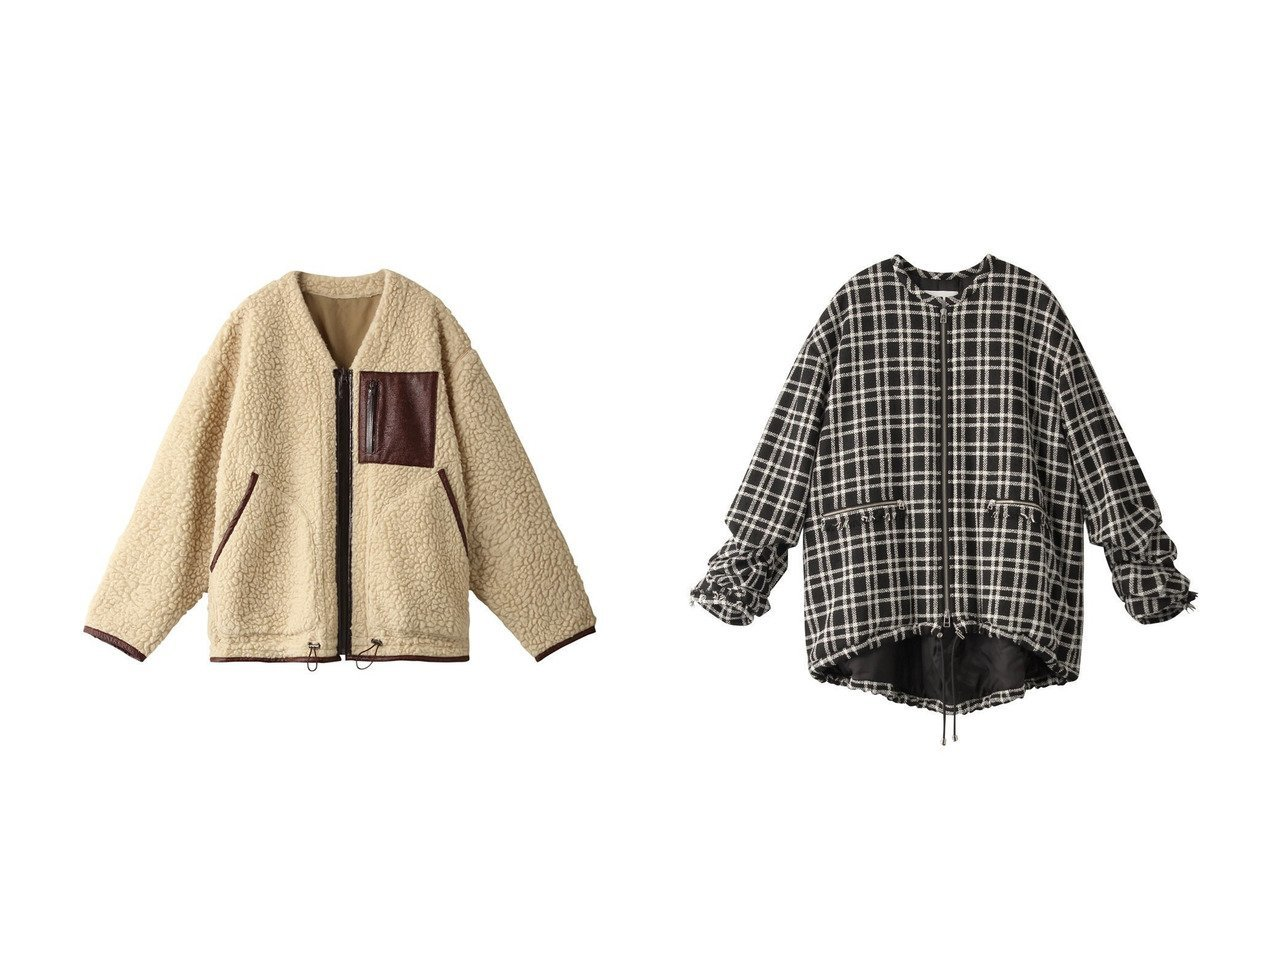 【muller of yoshiokubo/ミュラー オブ ヨシオクボ】のリバーシブルボアブルゾン&【RITO/リト】のウールチェックツイードブルゾン アウターのおすすめ!人気、レディースファッションの通販  おすすめで人気のファッション通販商品 インテリア・家具・キッズファッション・メンズファッション・レディースファッション・服の通販 founy(ファニー) https://founy.com/ ファッション Fashion レディース WOMEN アウター Coat Outerwear ジャケット Jackets ブルゾン Blouson Jackets ジャケット パイピング フラット ブルゾン リバーシブル チェック ツイード フリンジ 秋 |ID:crp329100000000461